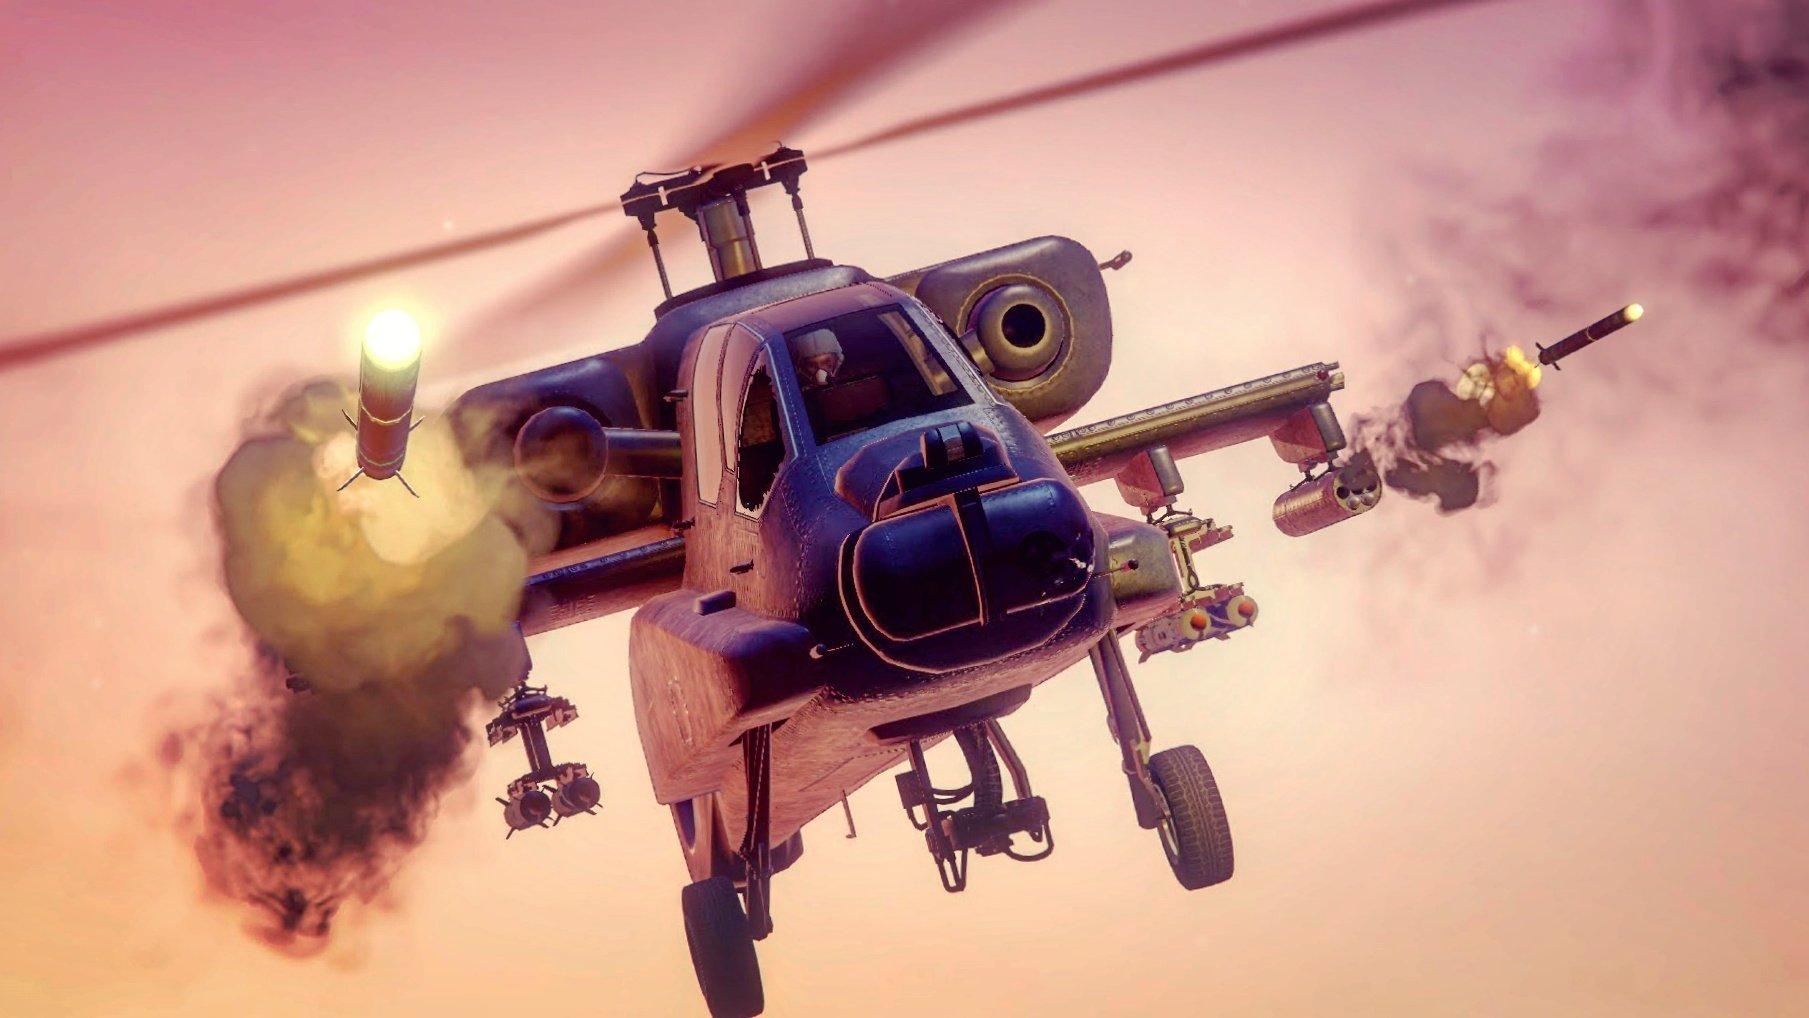 fh-1 猎杀者(图源:@snowgoose95)